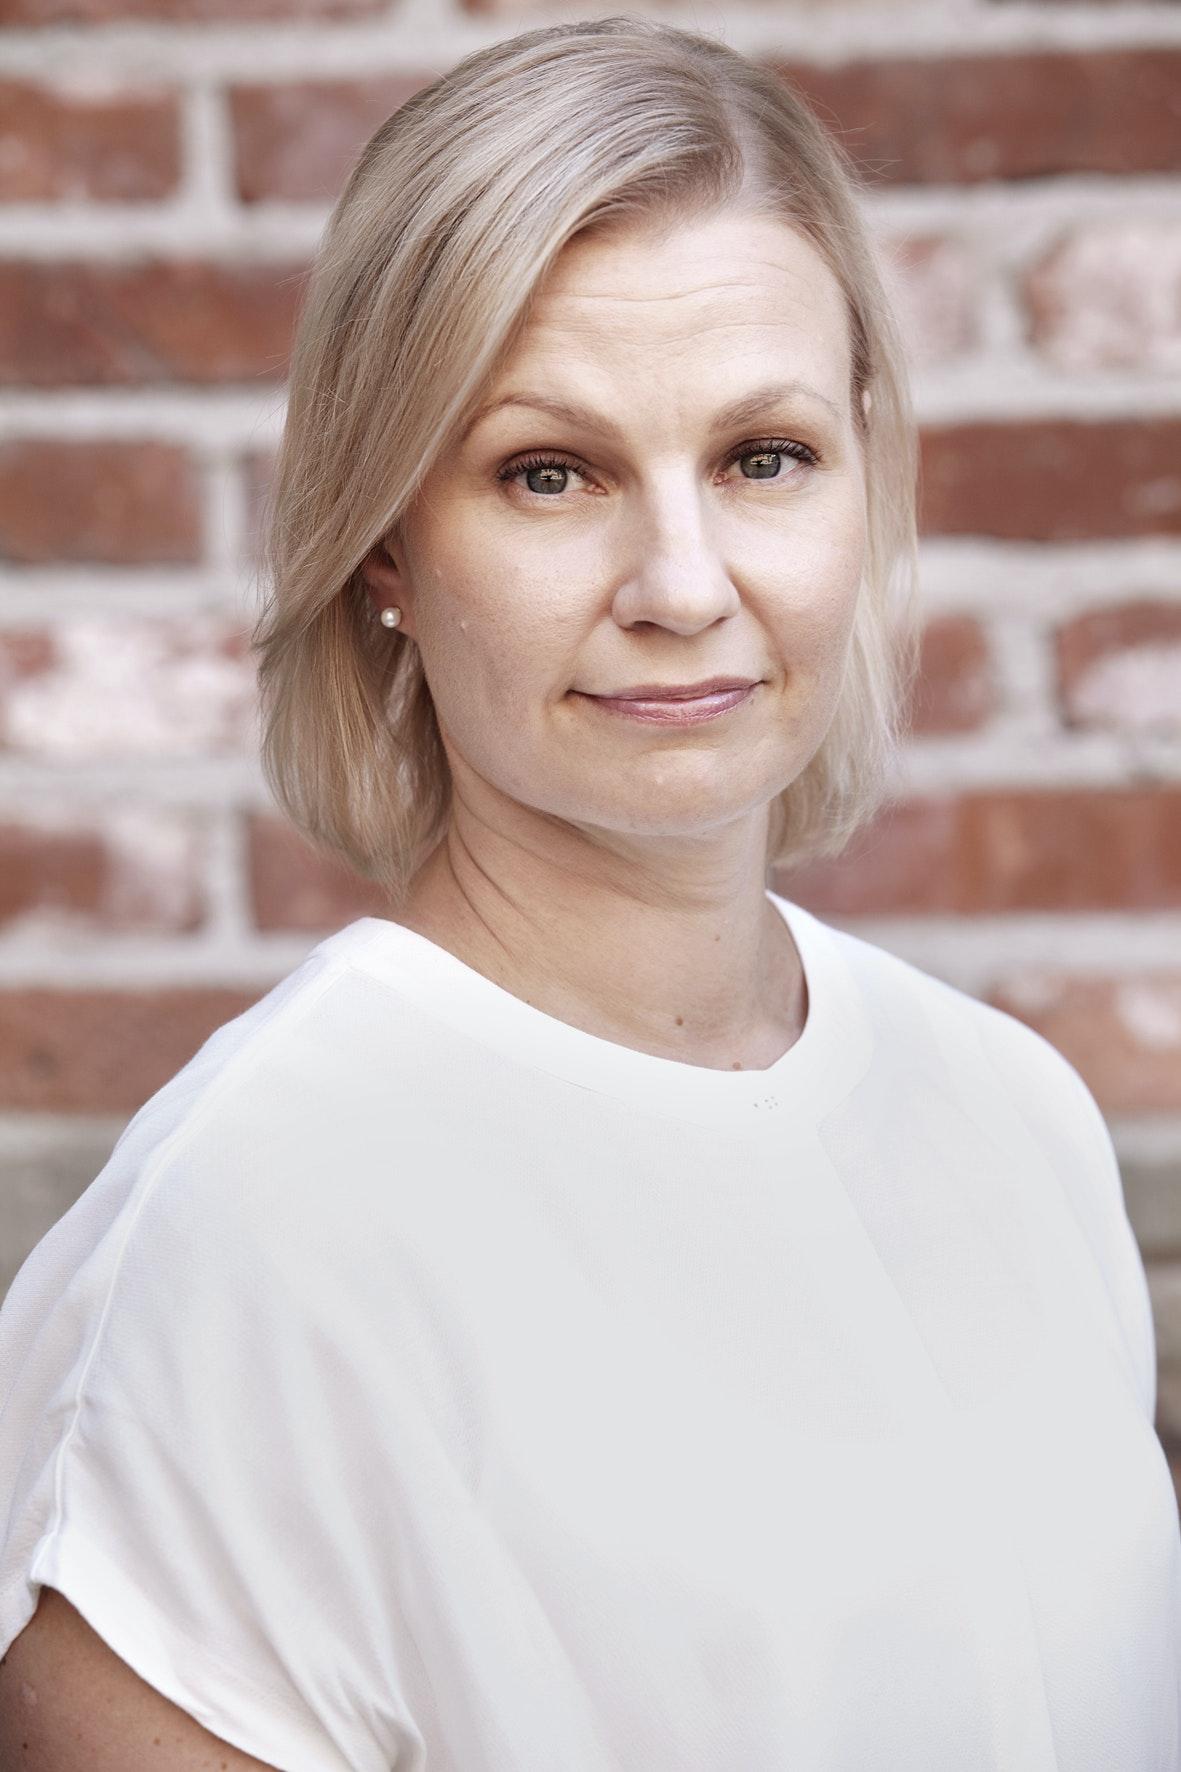 Kirjanpitäjä voi pätevöityä laaja-alaiseksi asiantuntijaksi, joka konsultoi asiakkaita ja työtovereita erikoiskysymyksissä, kertoo Emma Joki.